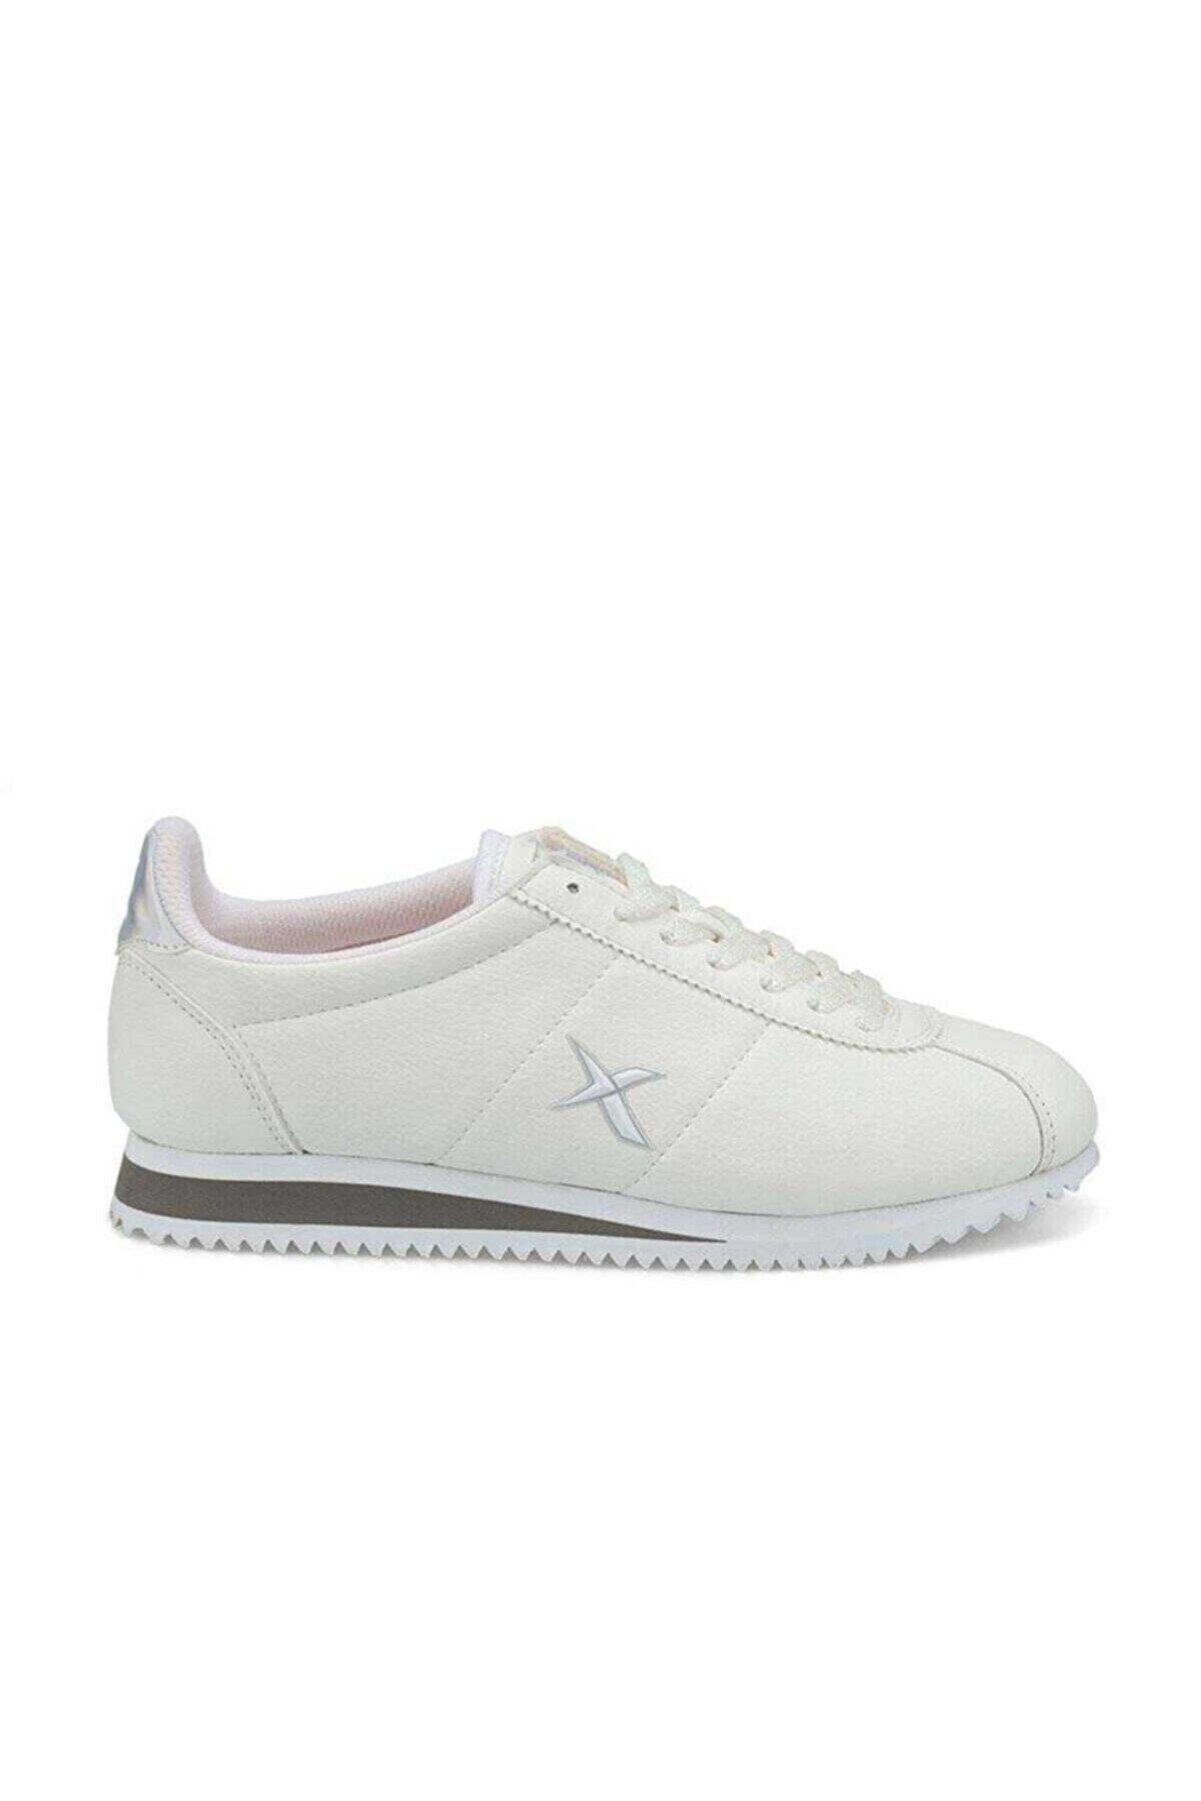 Kinetix Kadın Spor Ayakkabı Beyaz As00588517 100785147 Gıga W 1fx